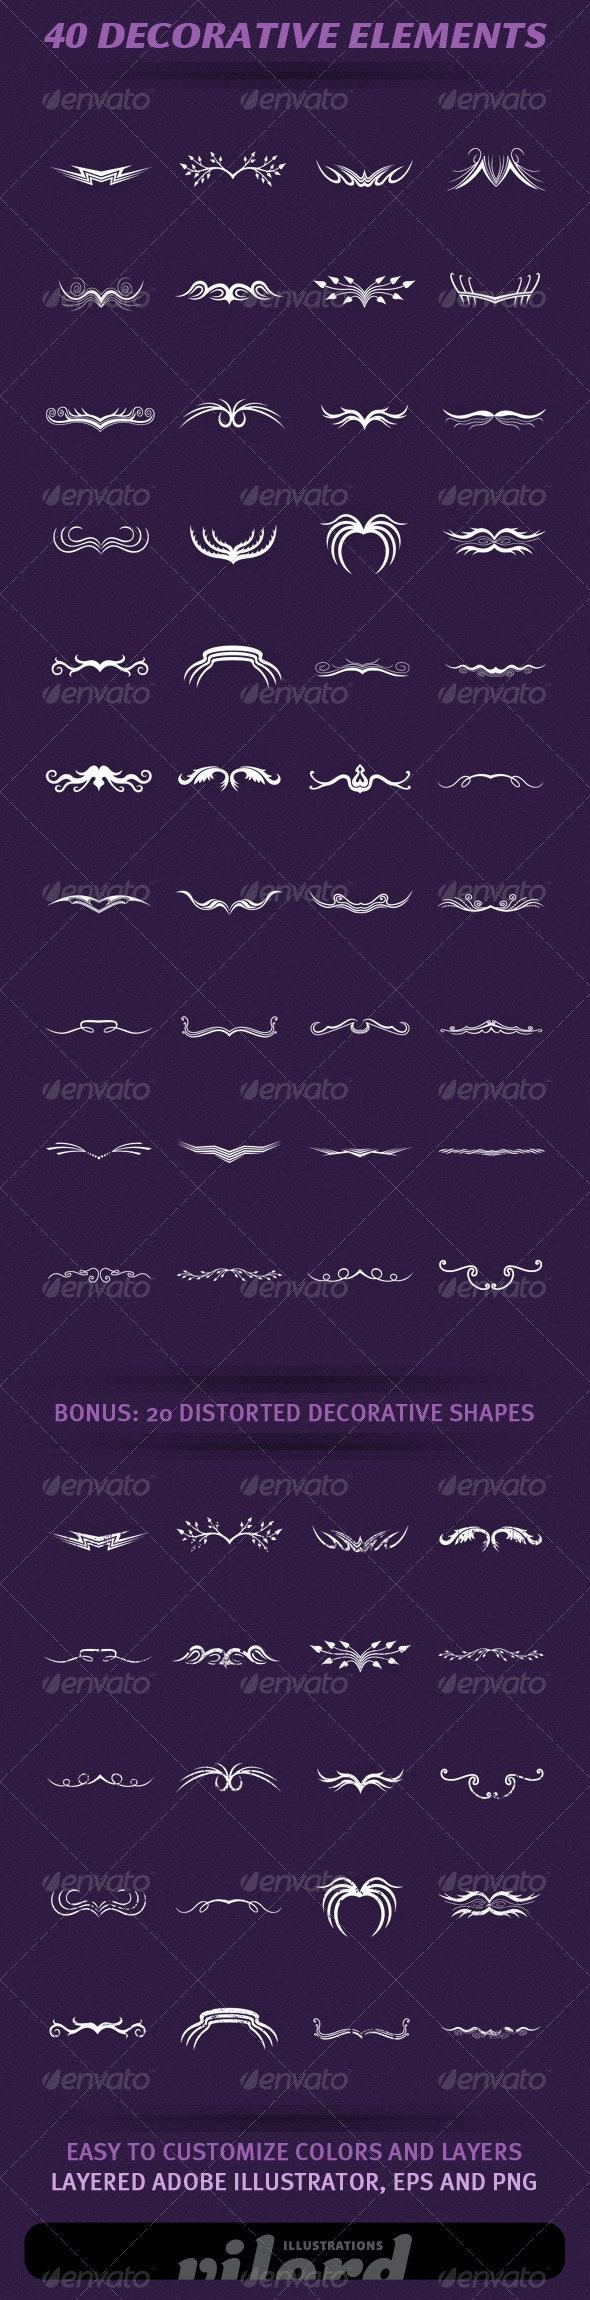 40 Decorative Elements - Decorative Vectors